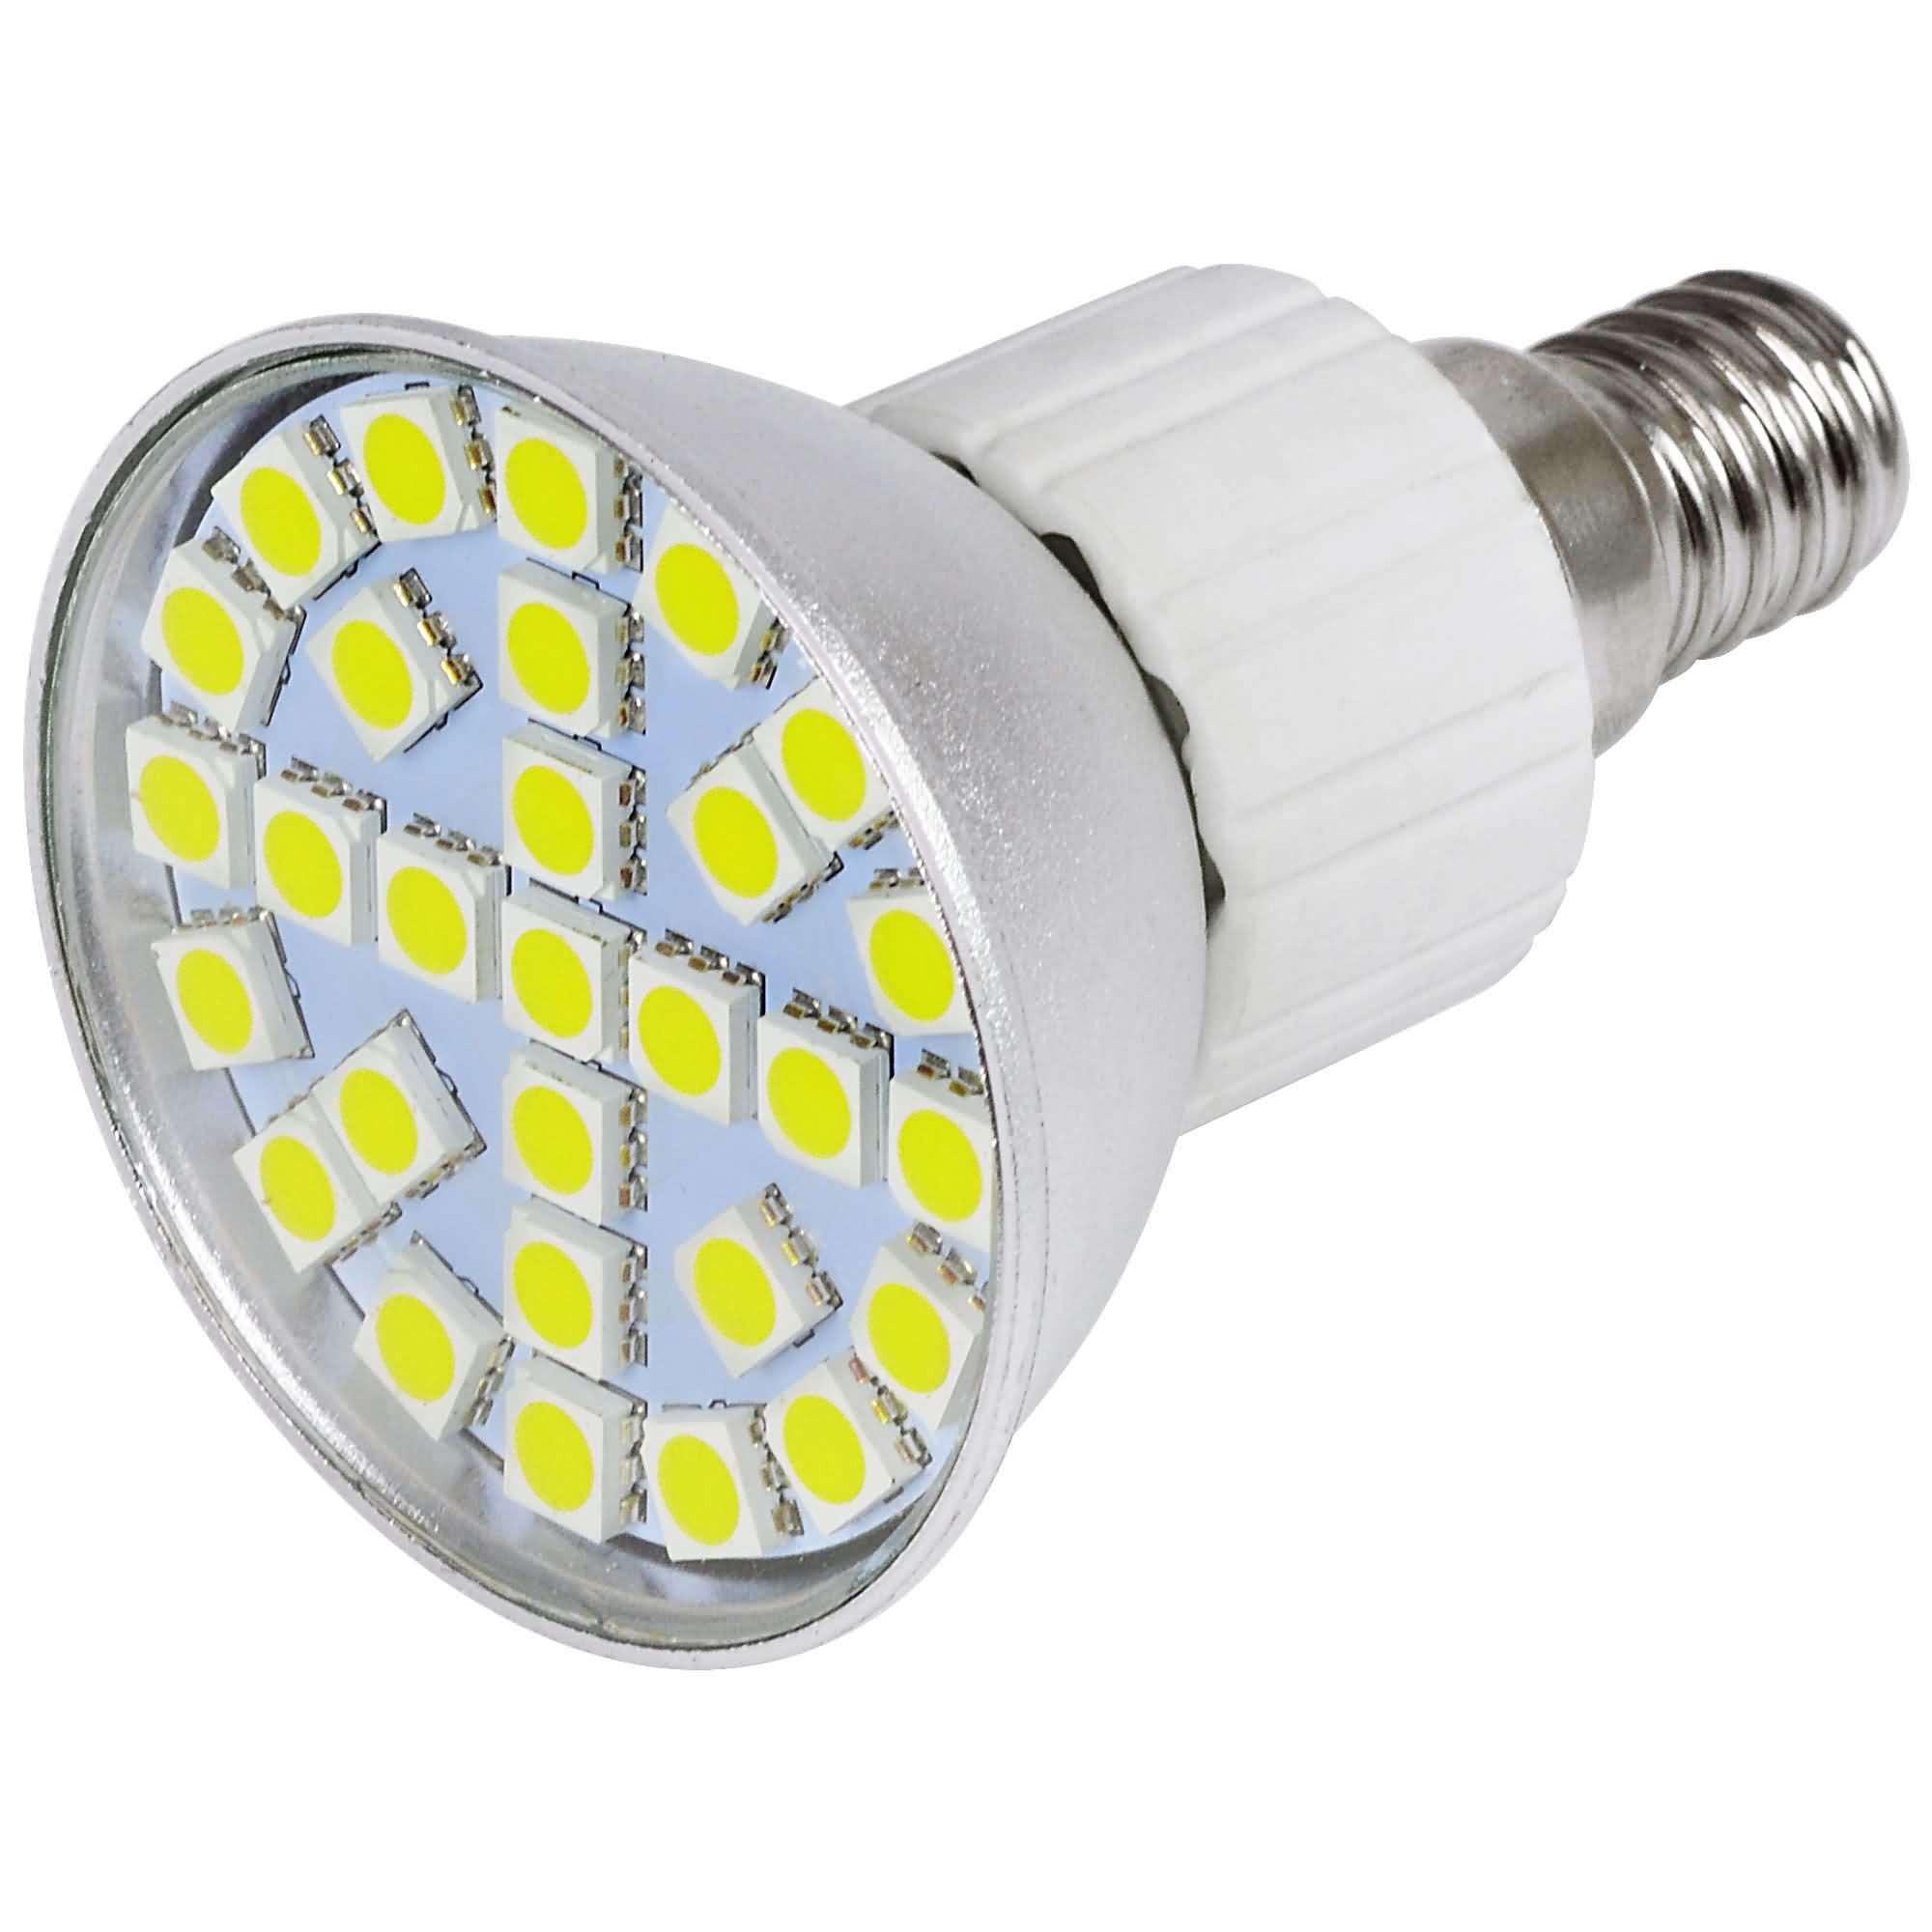 MENGS® E14 4.5W LED Spotlight 27x 5050 SMD LEDs LED Lamp Bulb in Cool White Energy-Saving Lamp